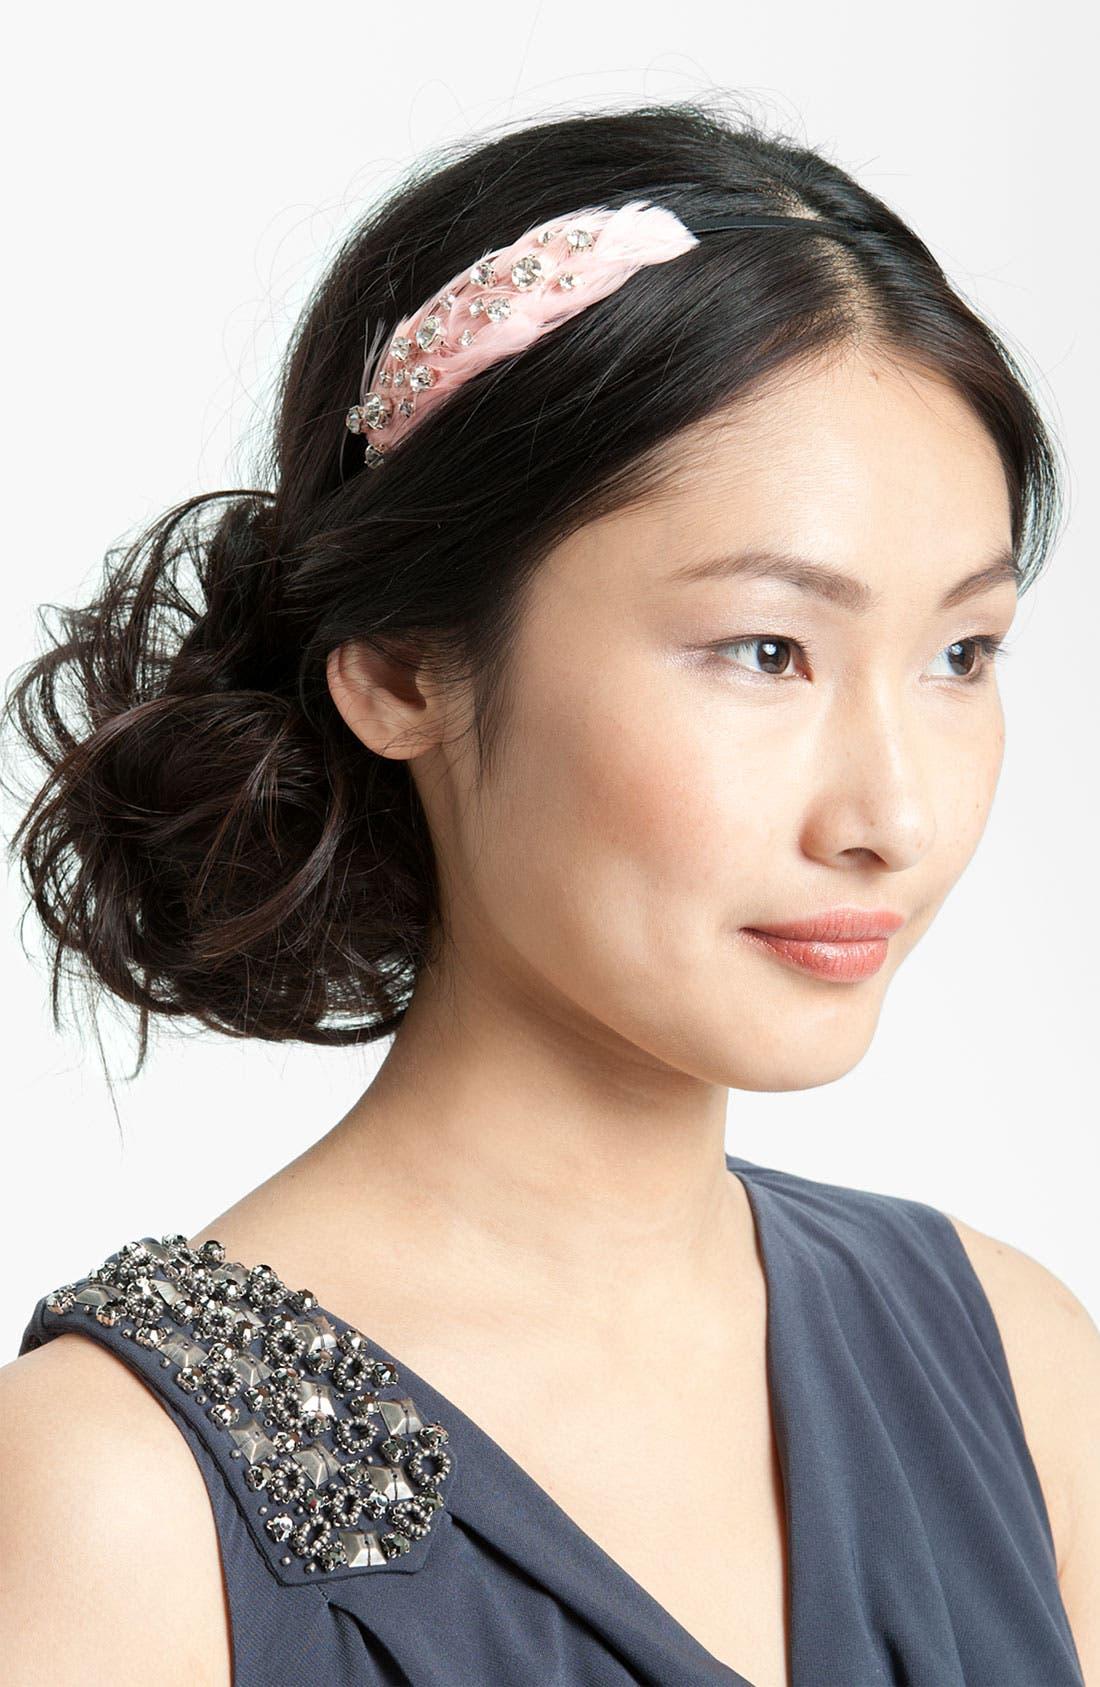 Alternate Image 1 Selected - Tasha 'Floating Crystal Feather' Headband